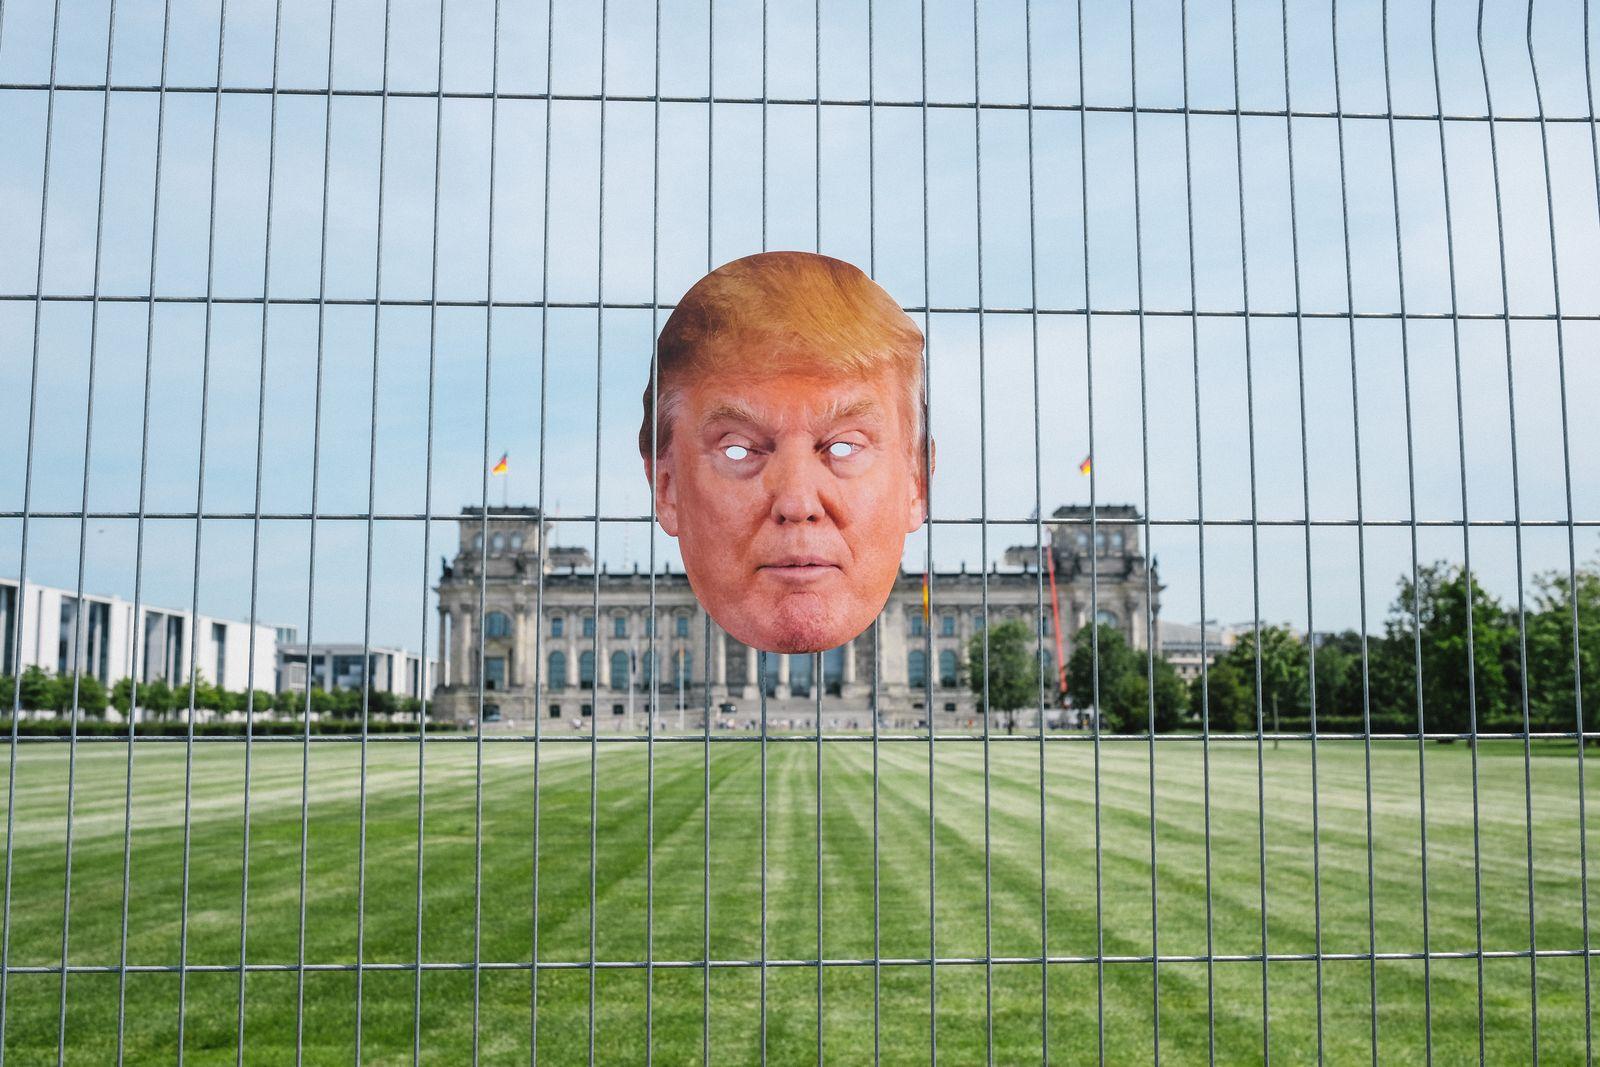 EINMALIGE VERWENDUNG SPIEGEL Plus SP 31/2017 S.48 Essay zu Trump